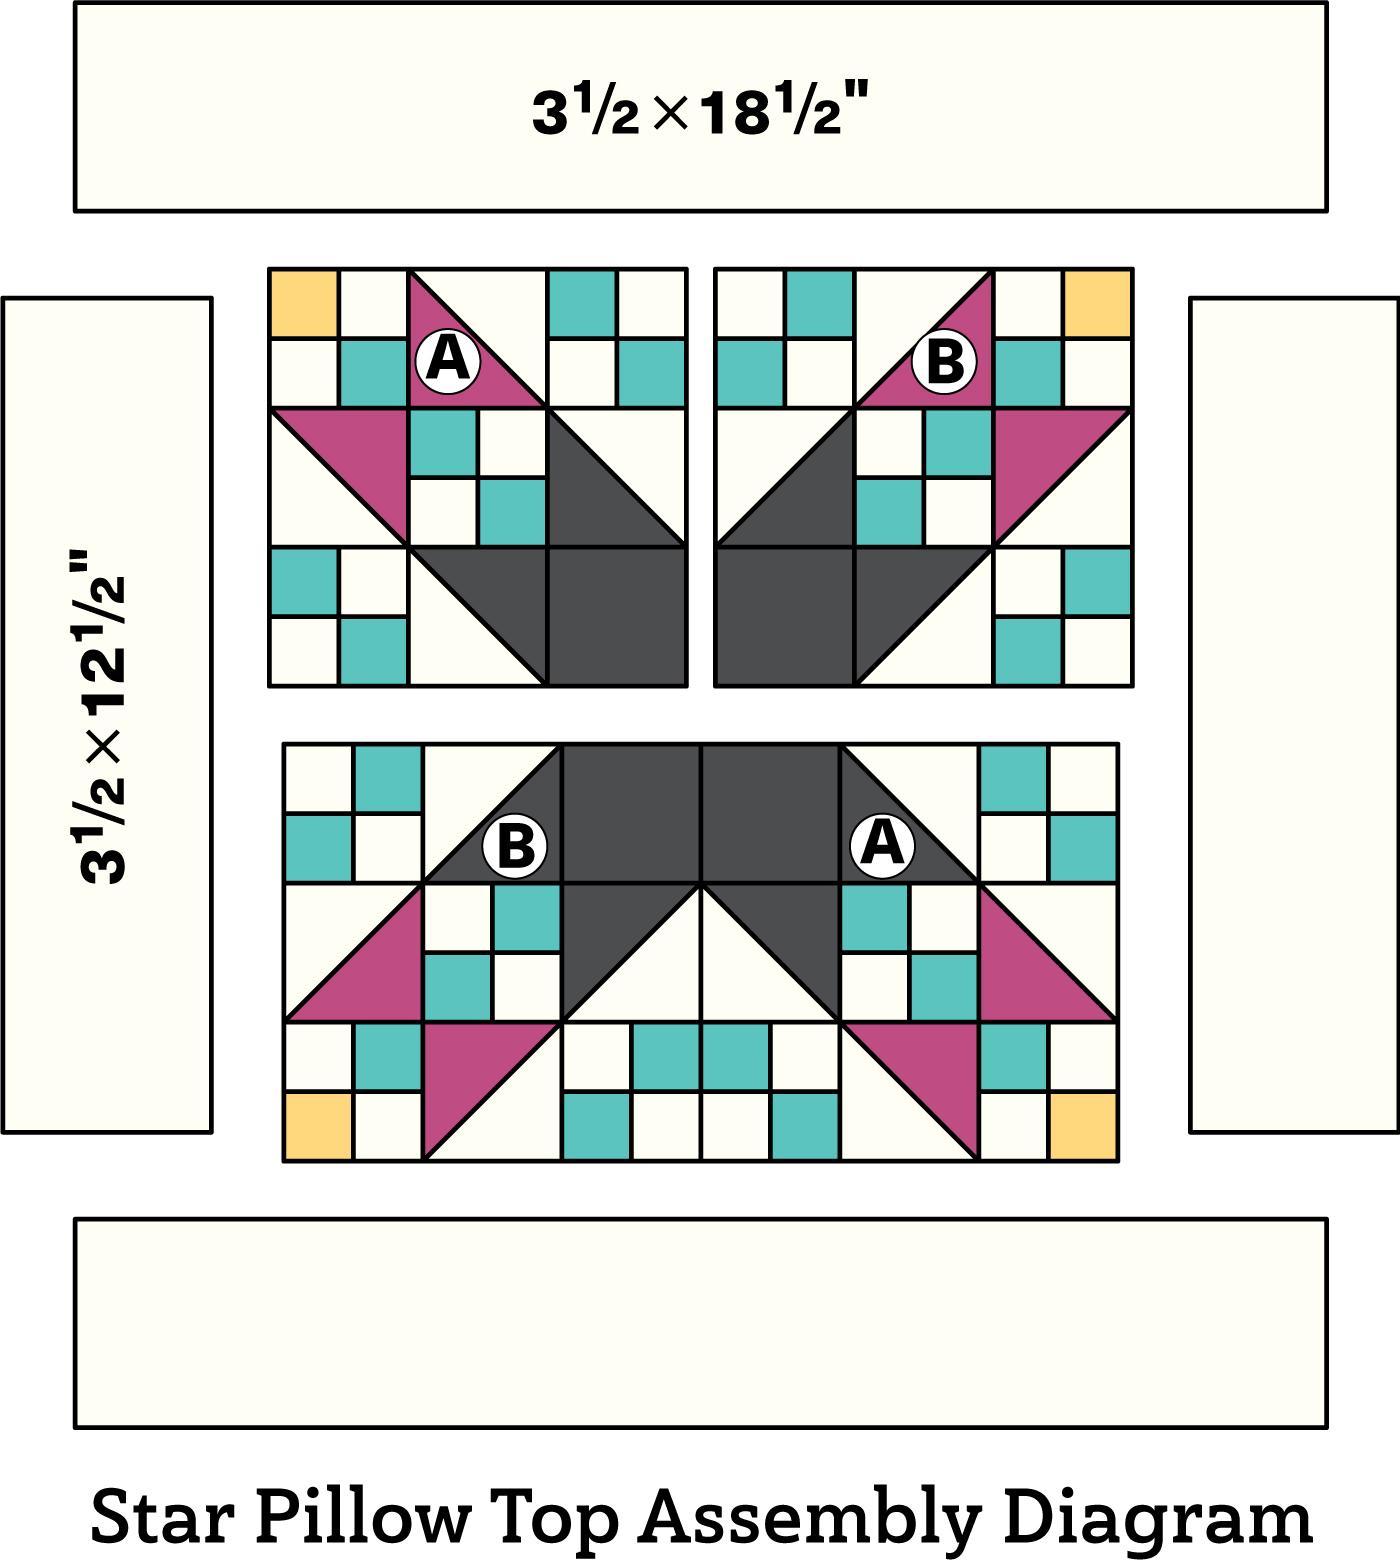 7002878-11985-pillow-assembly-opt1.jpg